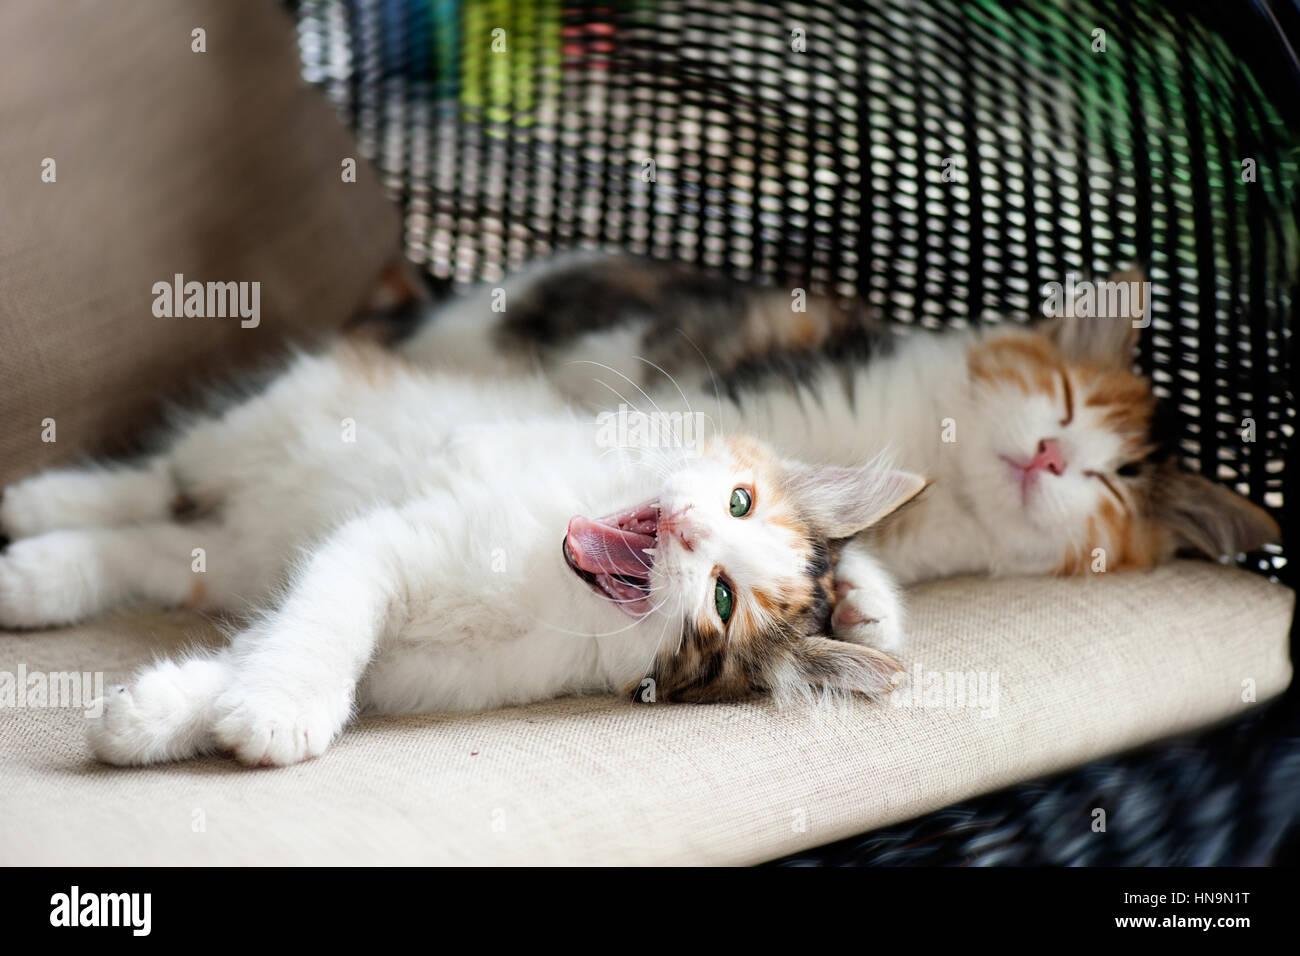 Sommeil et Sommeil chaton Photo Stock